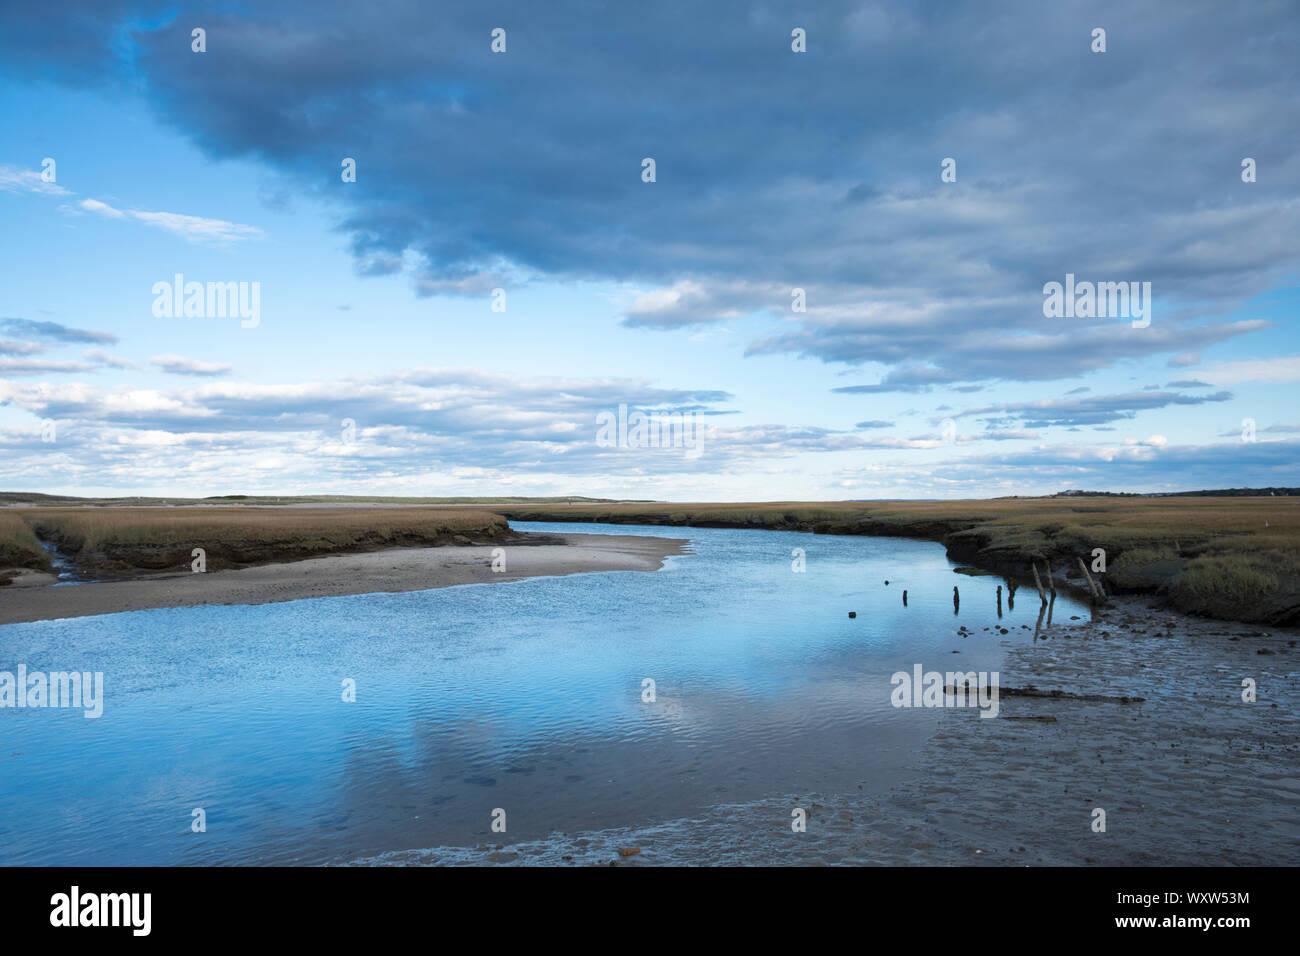 Ruisseau tranquille dans le Massachusetts, Etats-Unis Banque D'Images